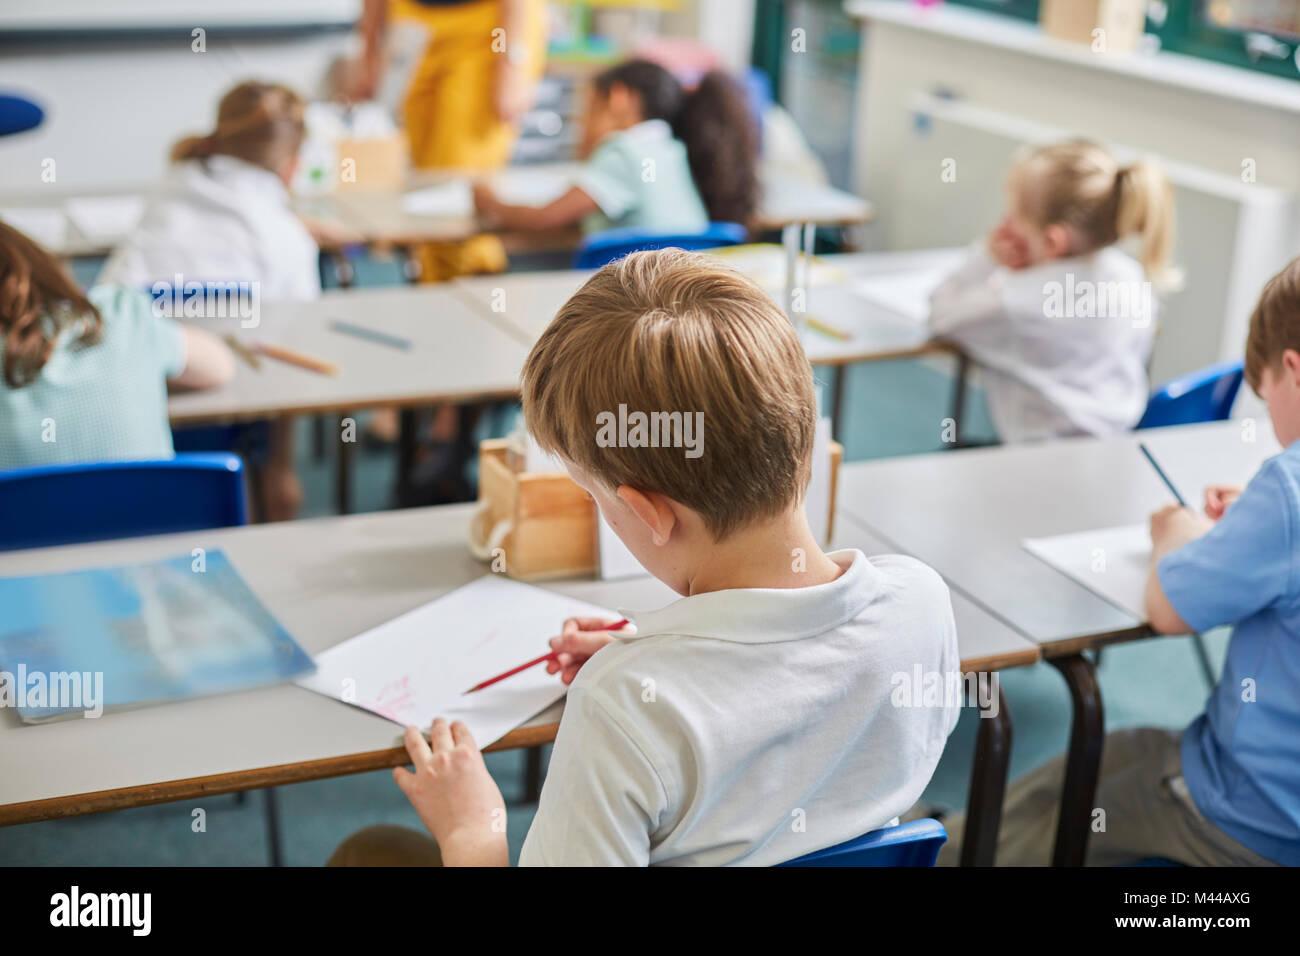 Primary schoolboy et filles faisant le travail scolaire en classe à un bureau, vue arrière Photo Stock